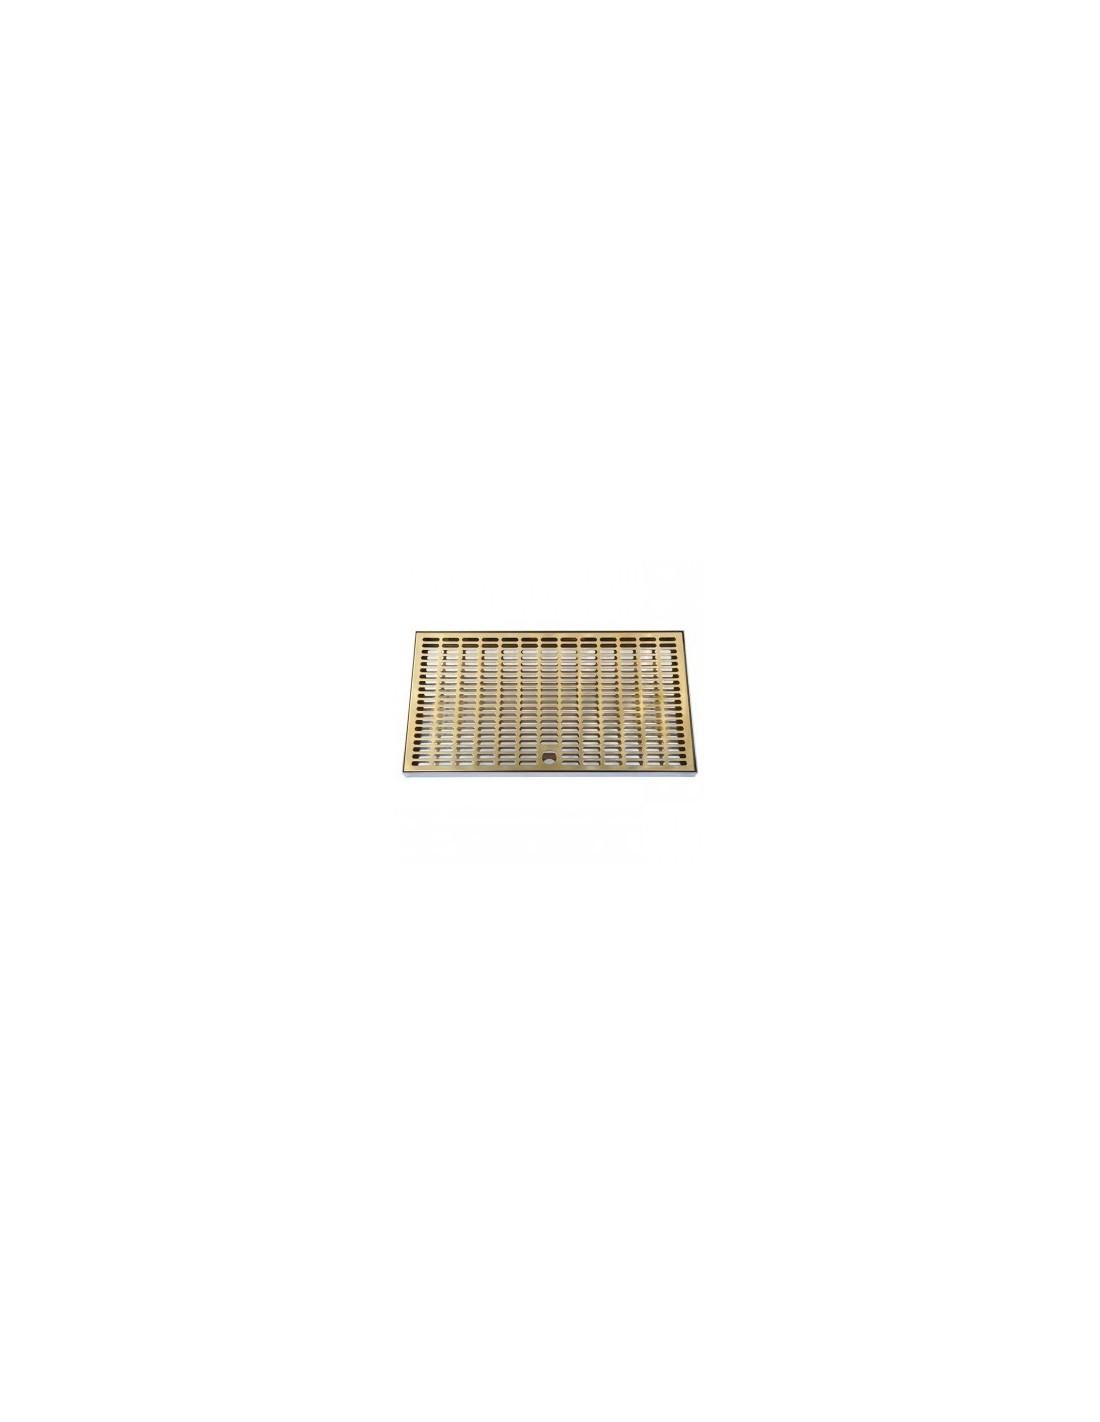 VYR02276 - Spillbrickor - Spillbricka i rostfritt med droppgaller i mässing 400x220x20 mm